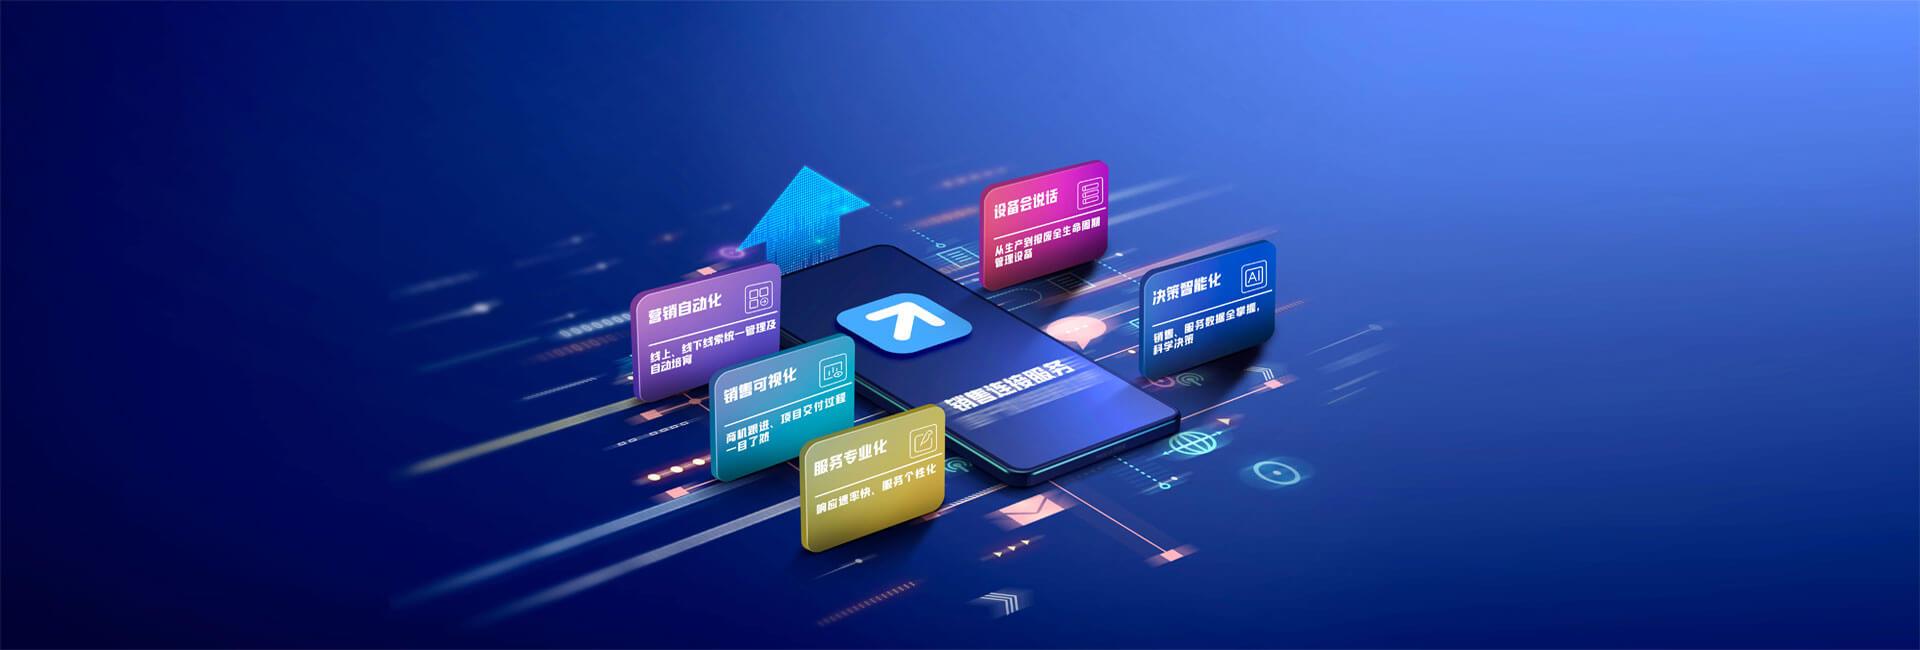 大型装备全流程数字化管理